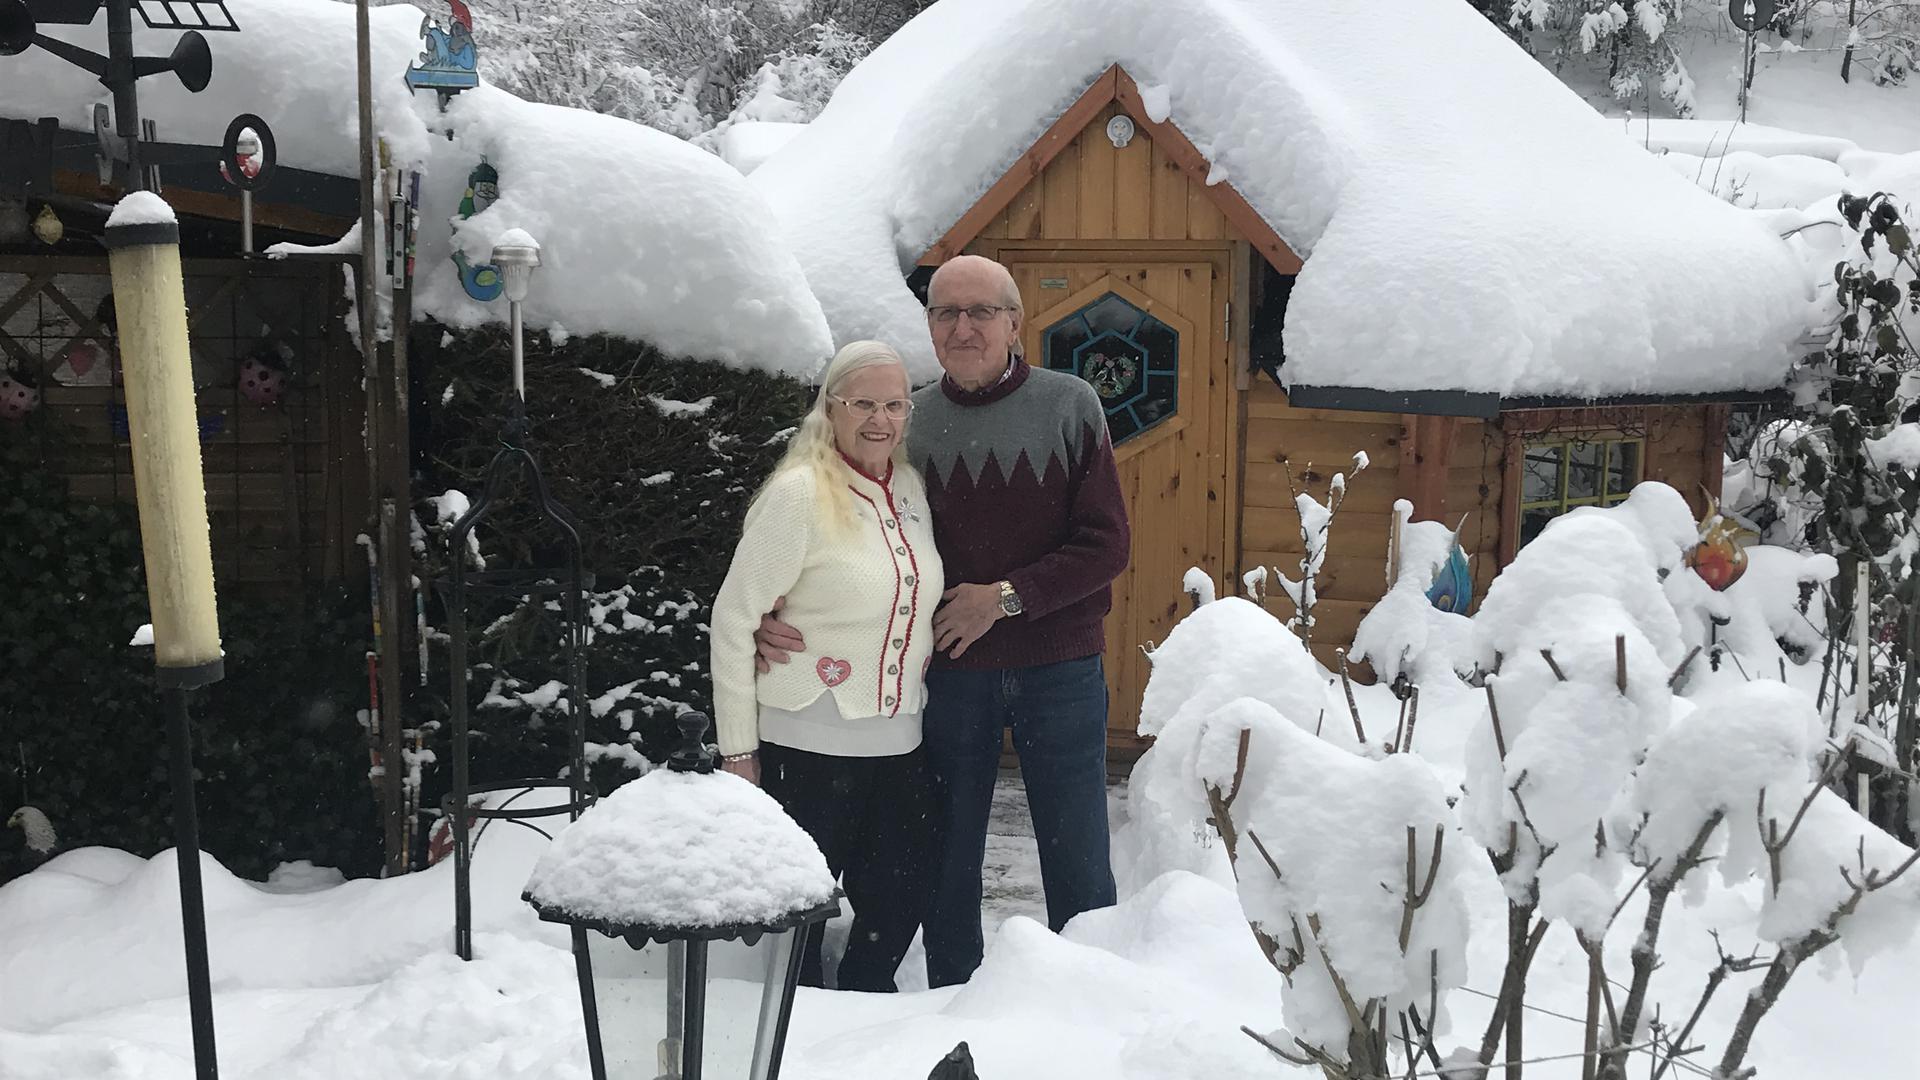 Die Natur vor der Haustür: Seit zwölf Jahren haben Henriette und Karl Polzer ihren ersten Wohnsitz auf dem Campingplatz bei Bad Wildbad.